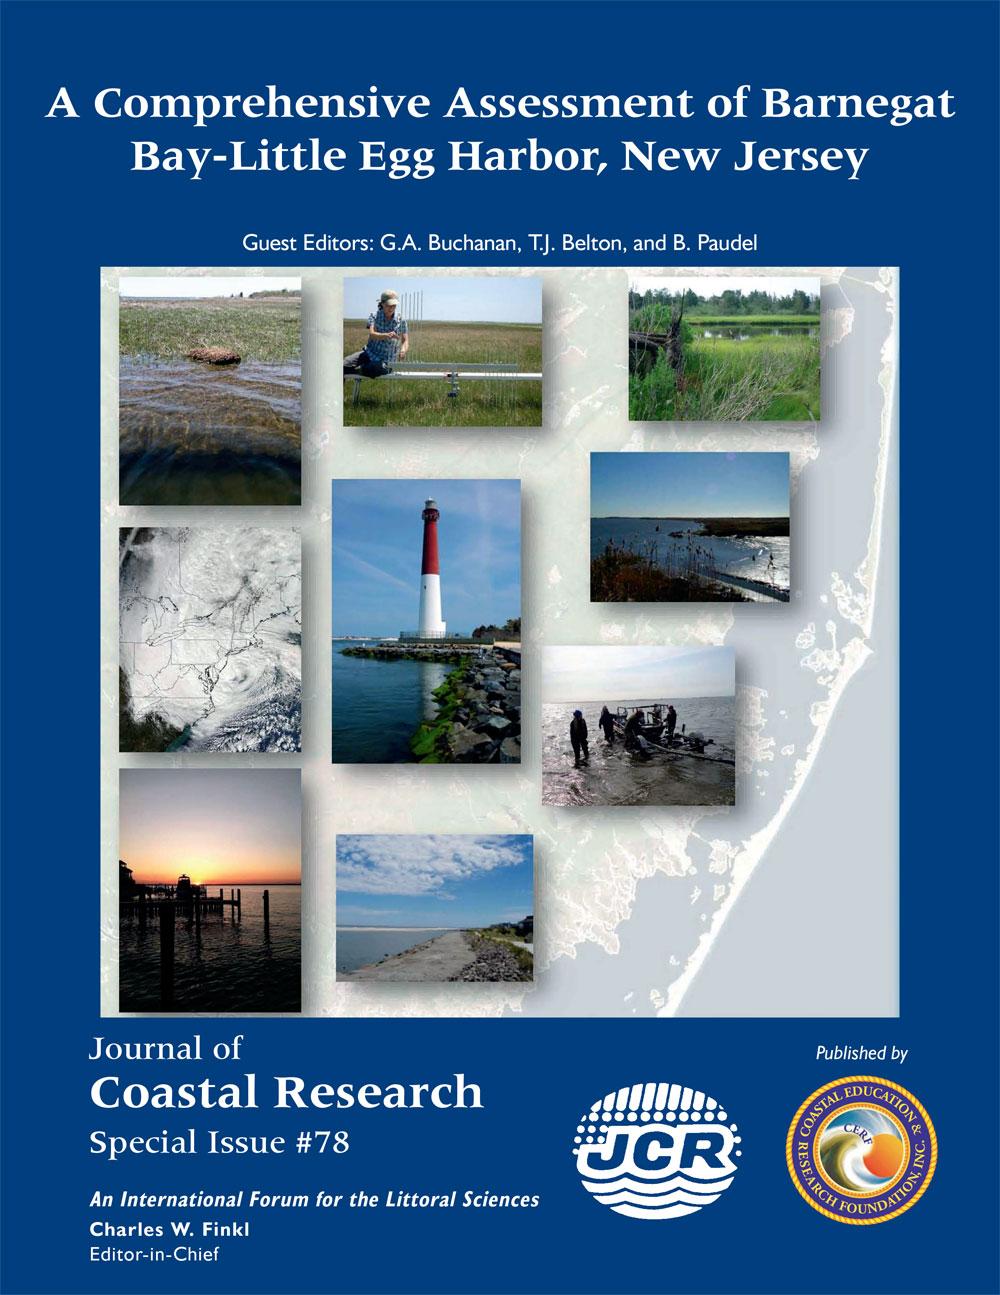 #78 A Comprehensive Assessment of Barnegat Bay-Little Egg Harbor, New Jersey